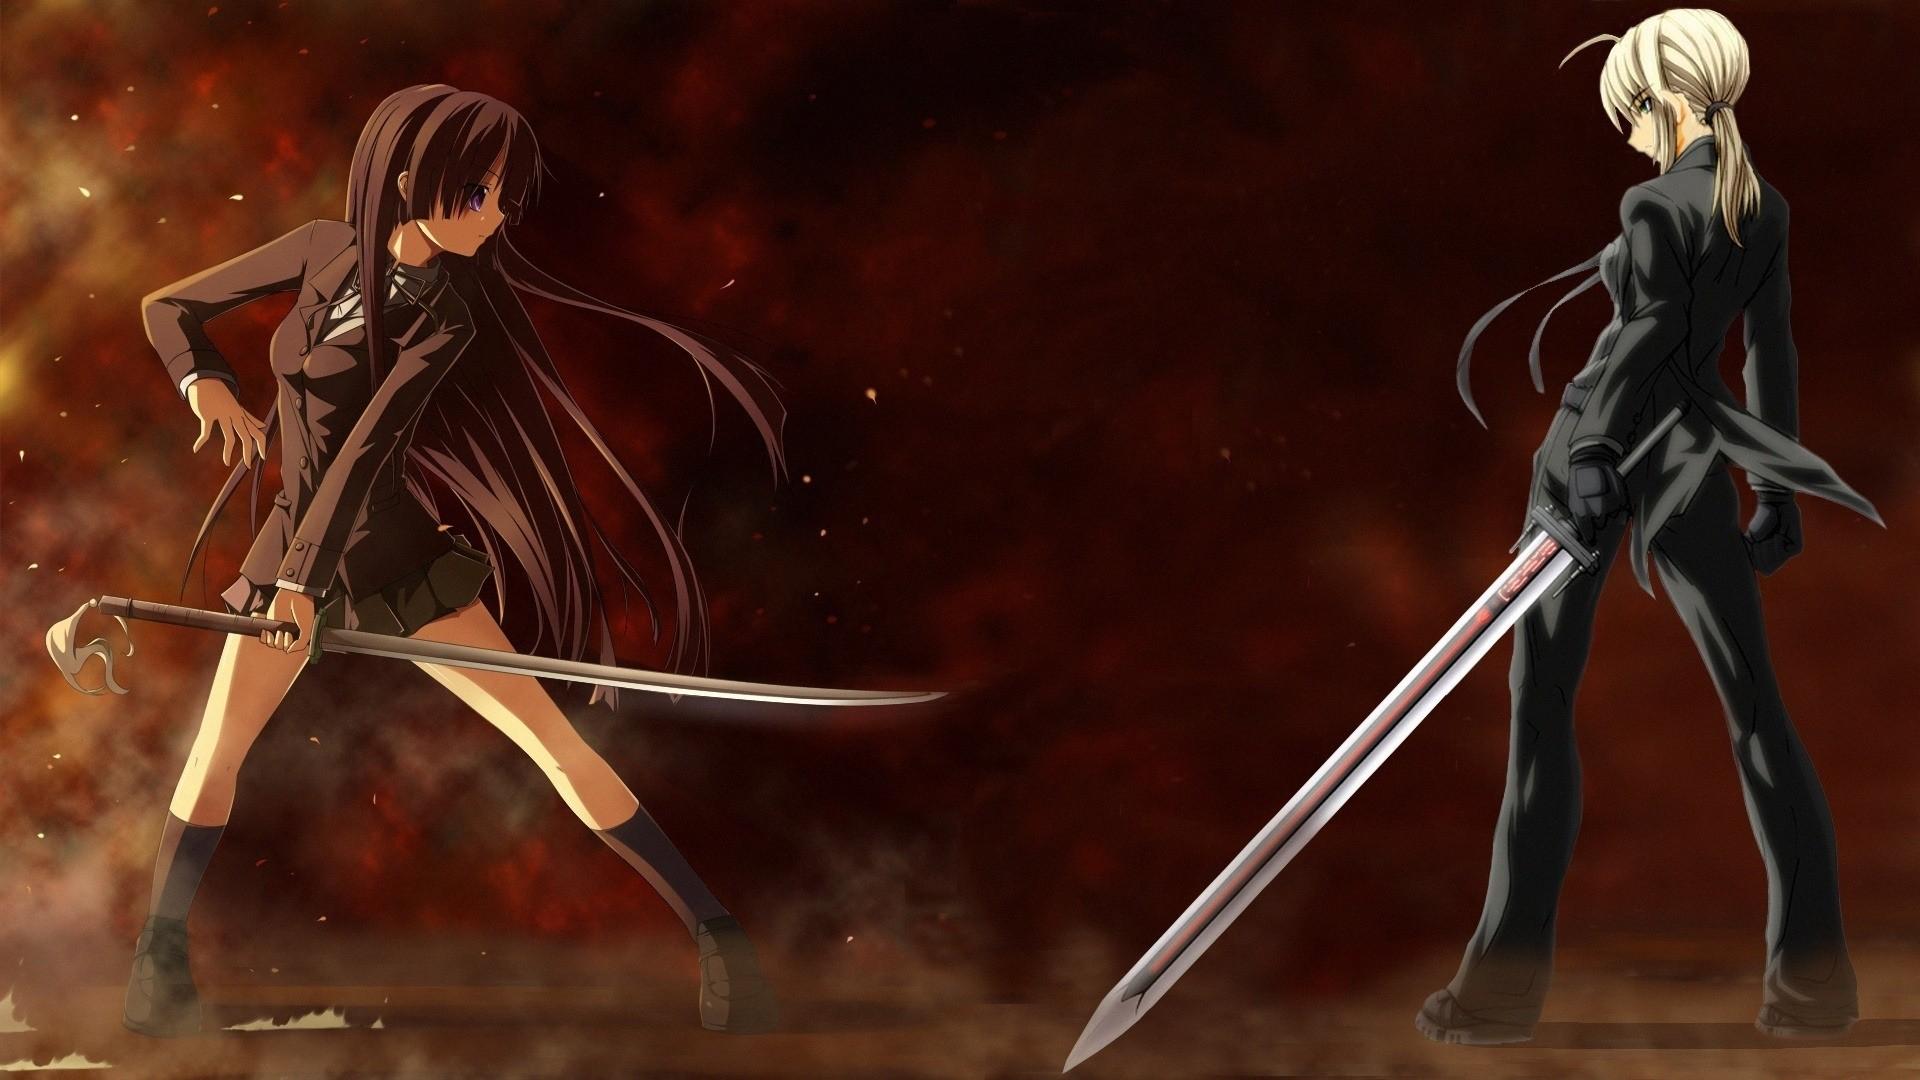 Fate Zero Good Wallpaper